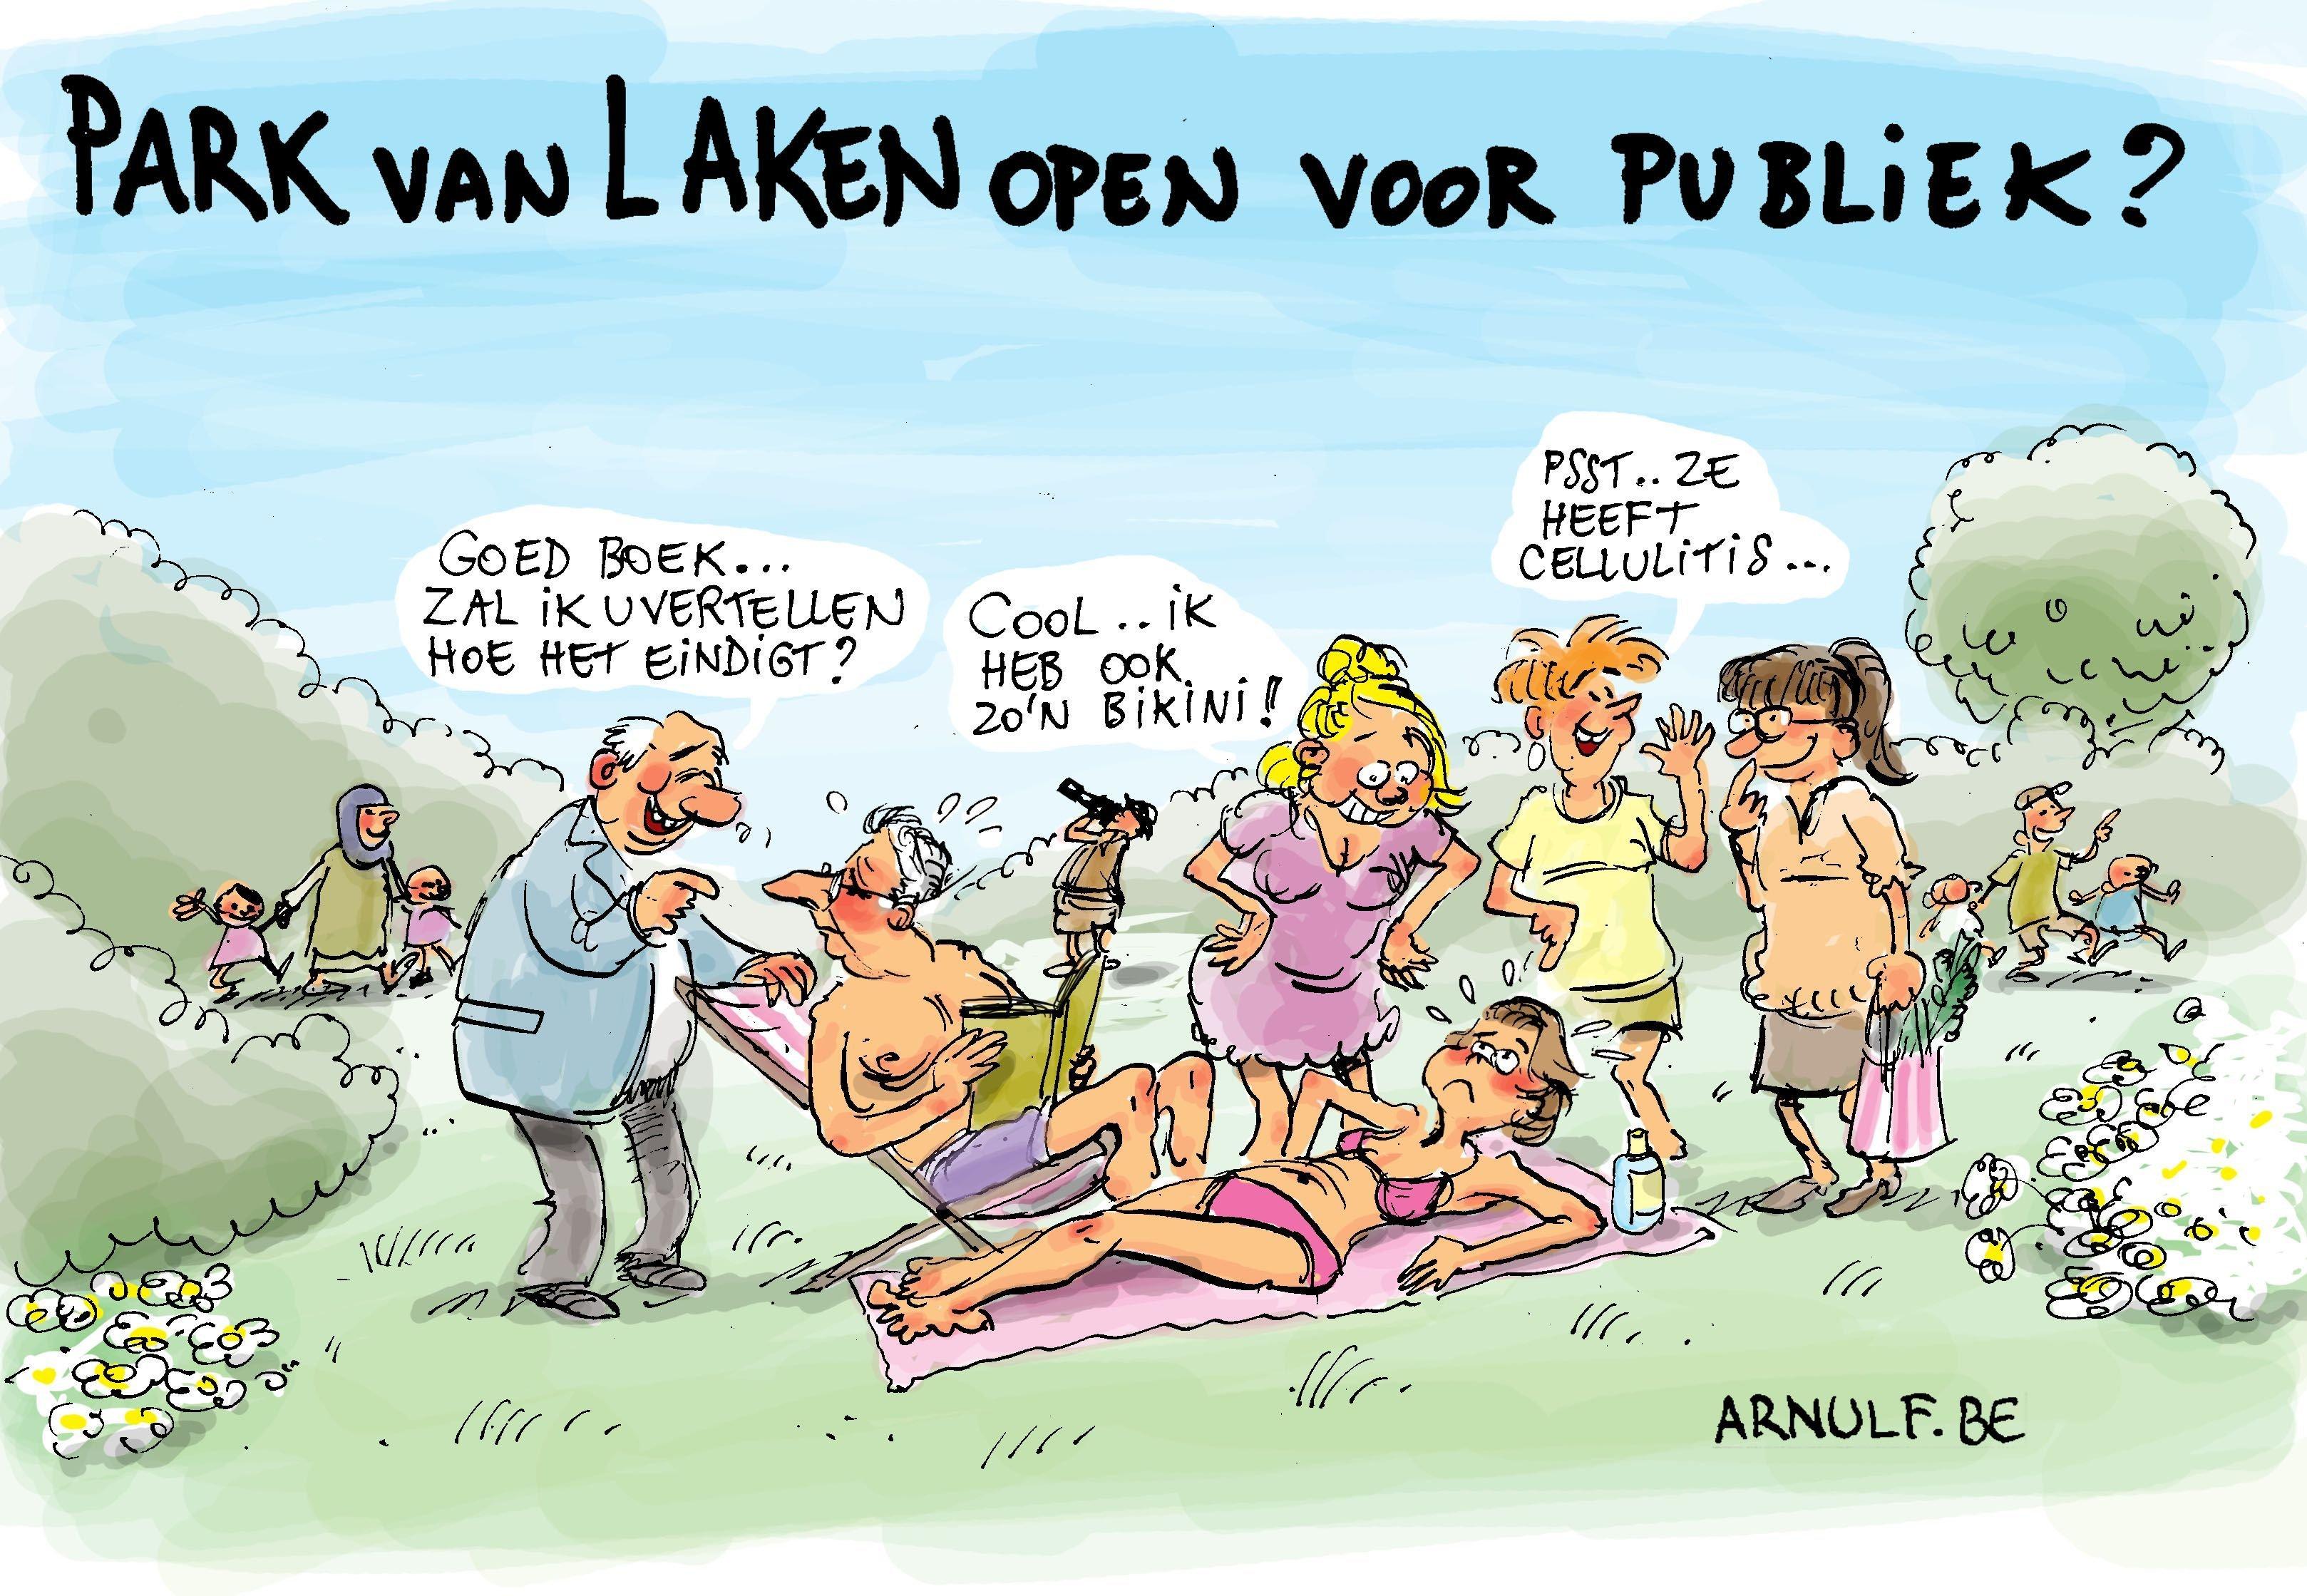 Park van Laken open?